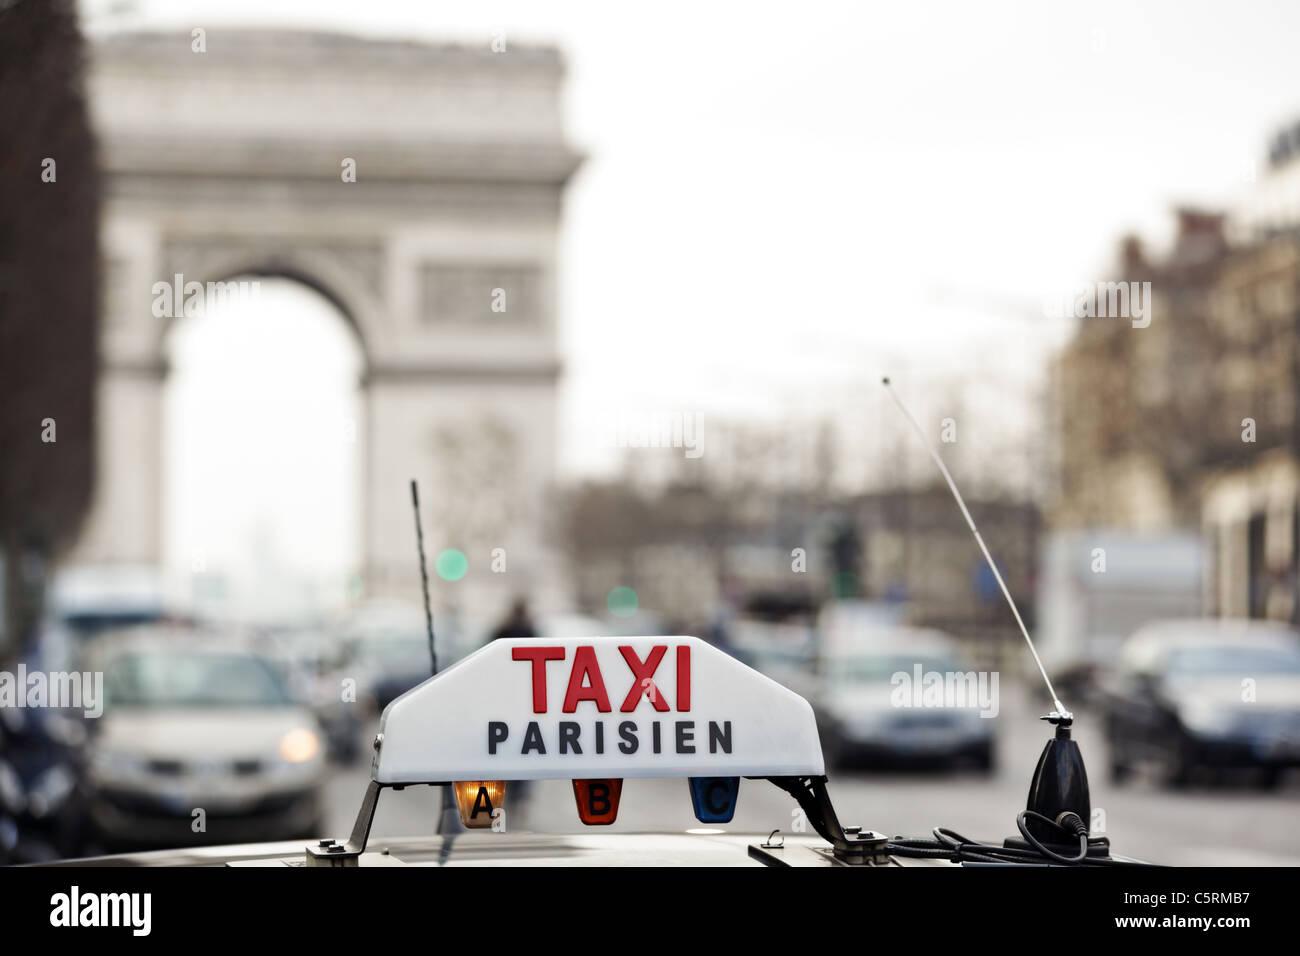 Paris taxi by the Arc de Triomphe - Stock Image